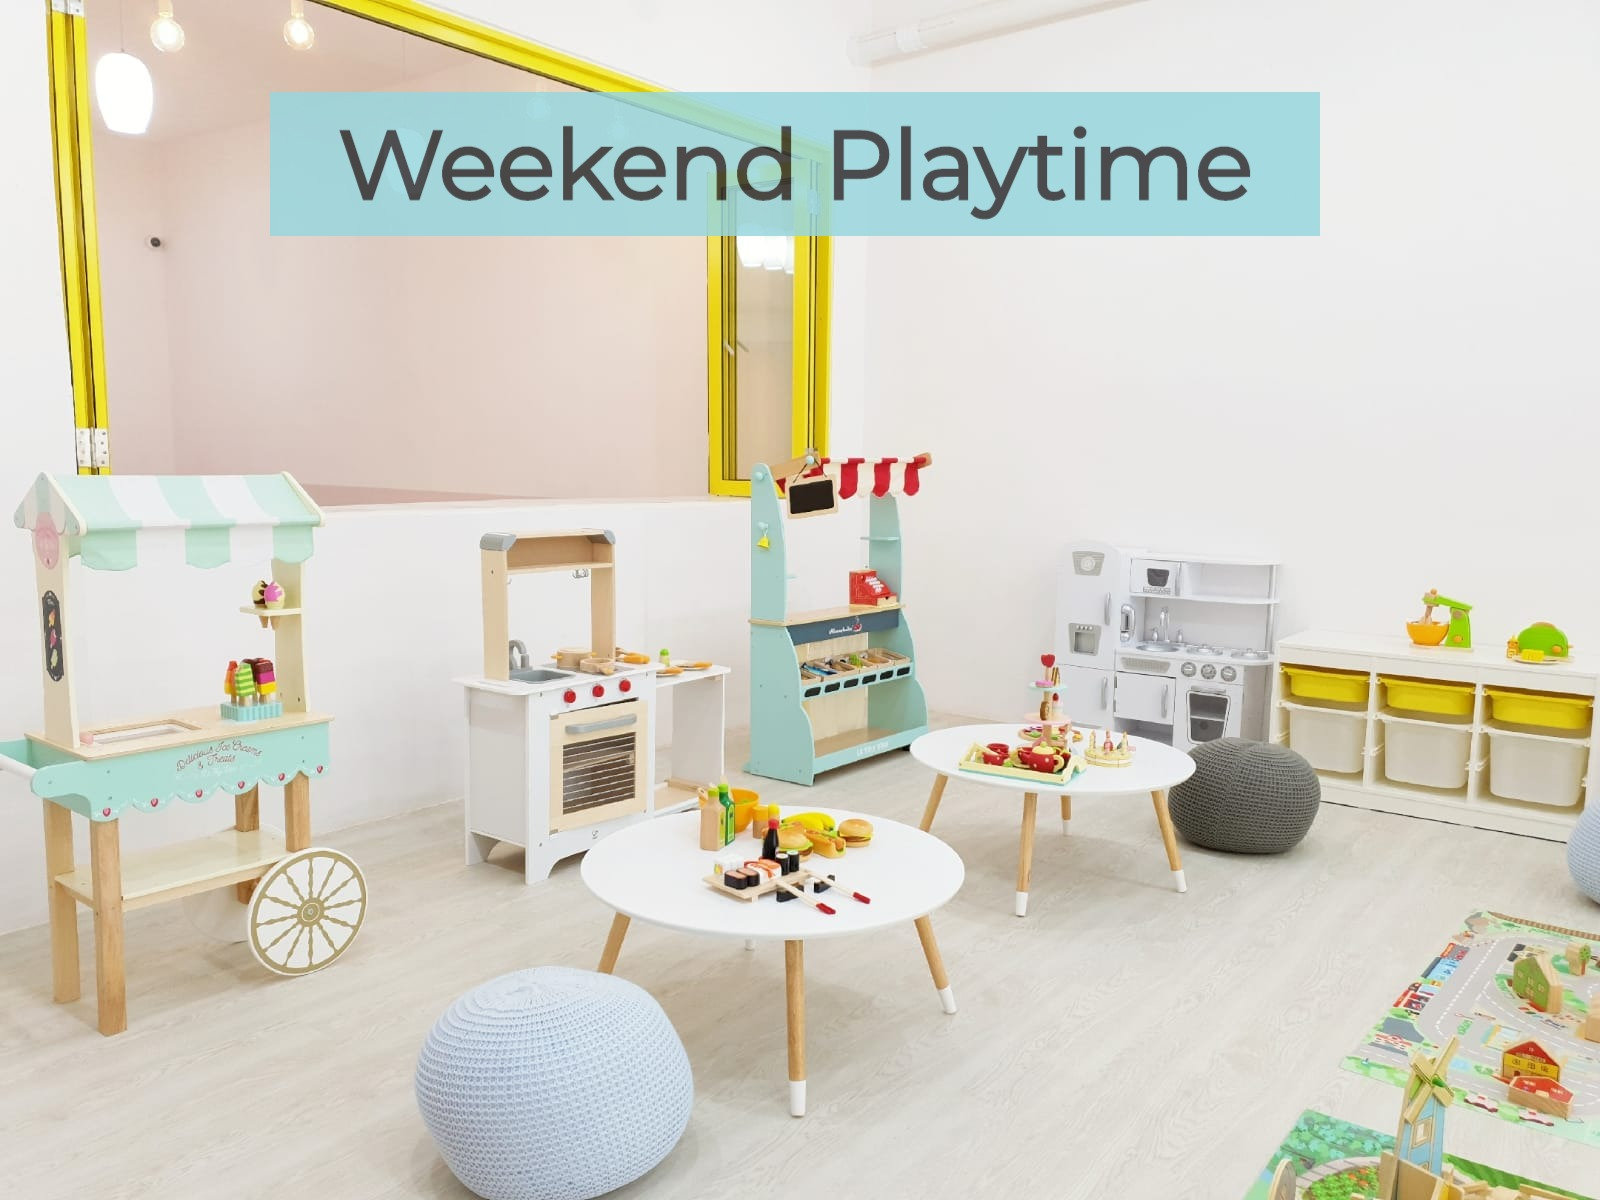 Weekend Playtime